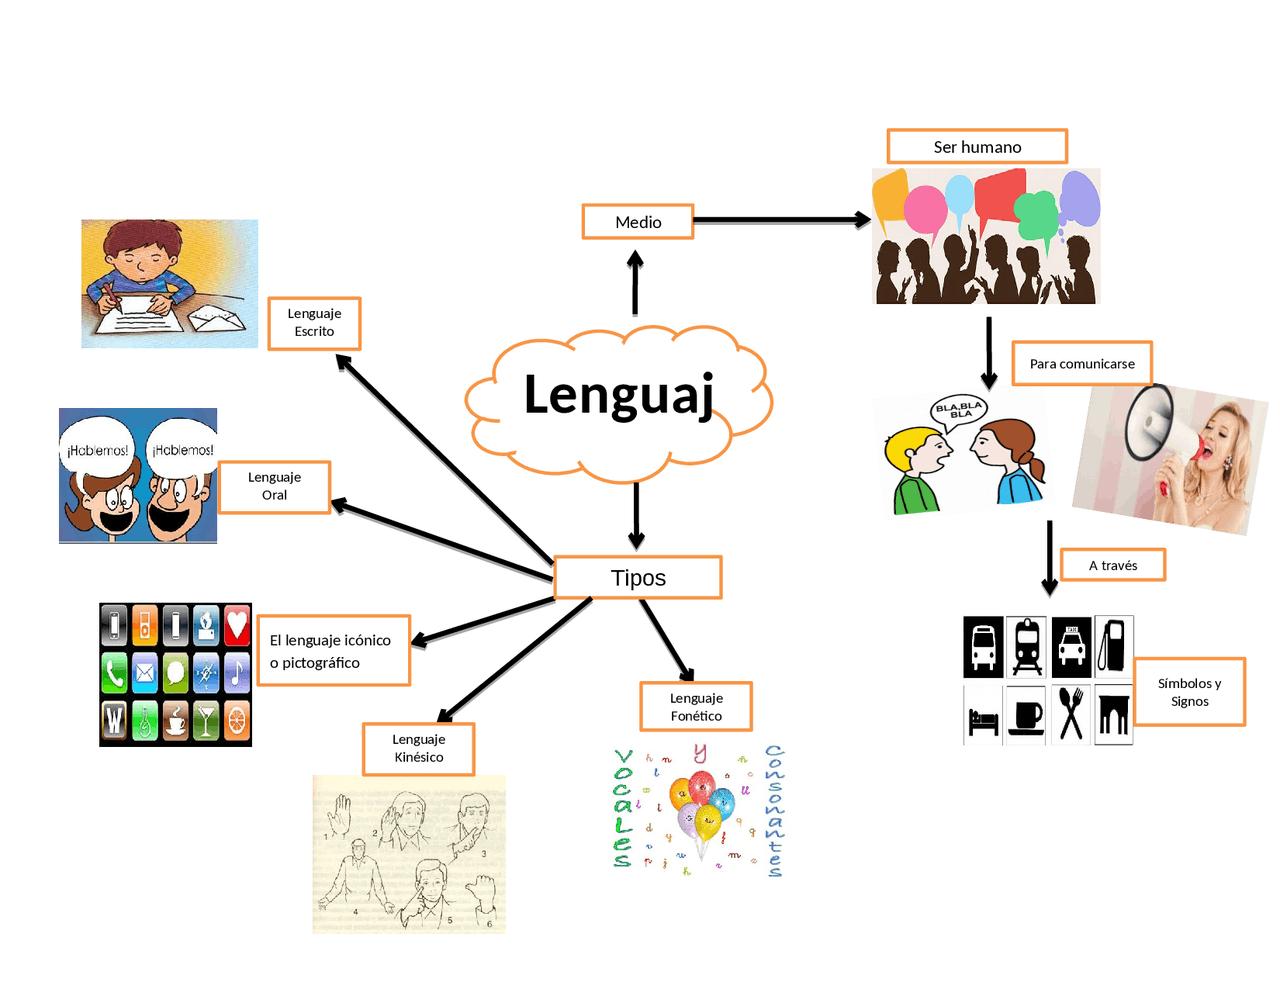 Lenguaje Tipos Y Medios Docsity